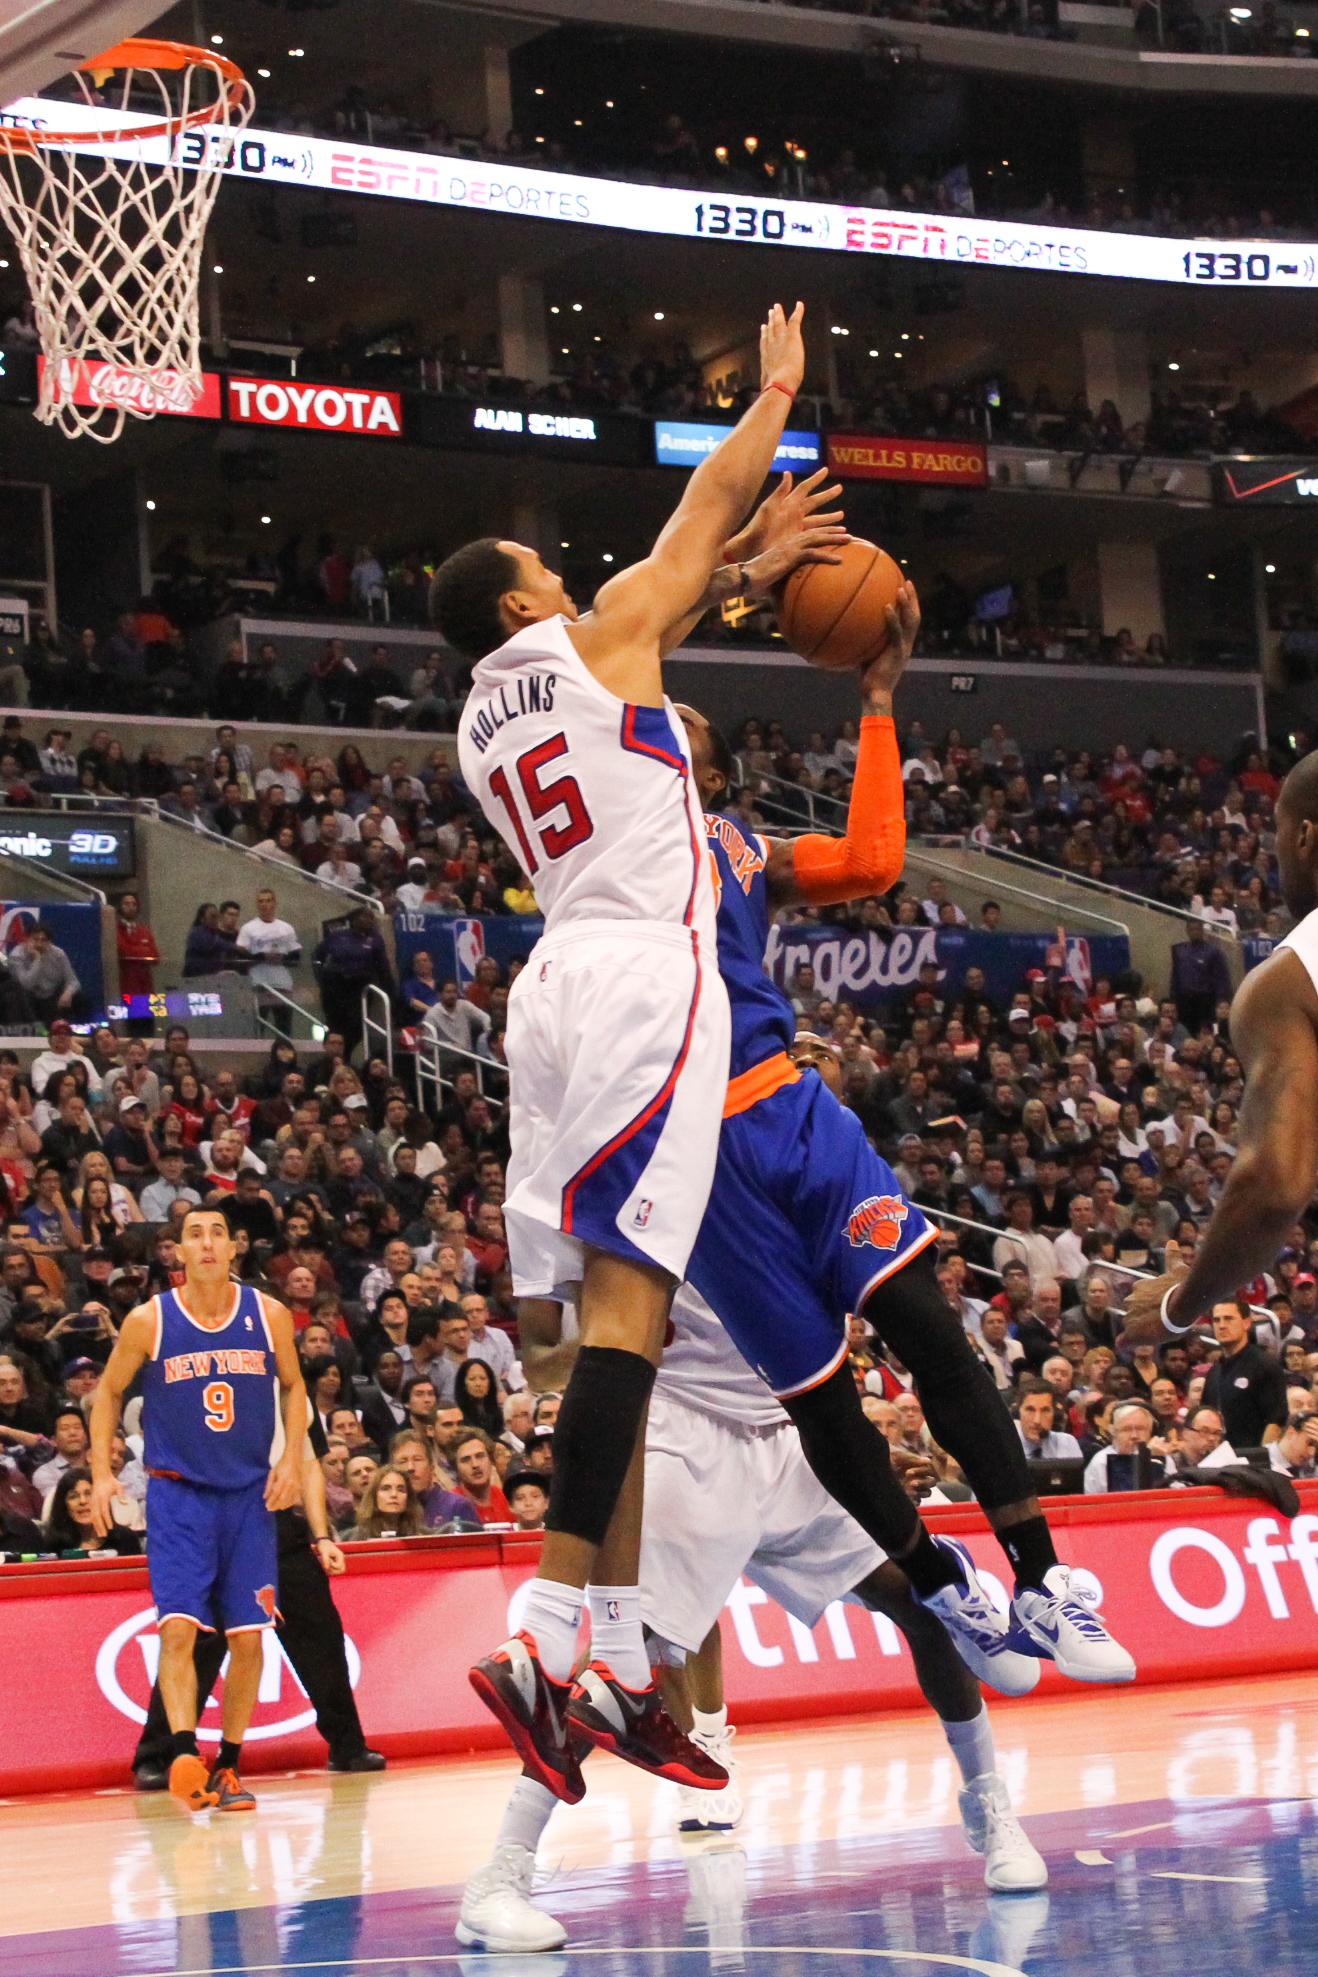 Photos by Varon P. Knicks-23.jpg